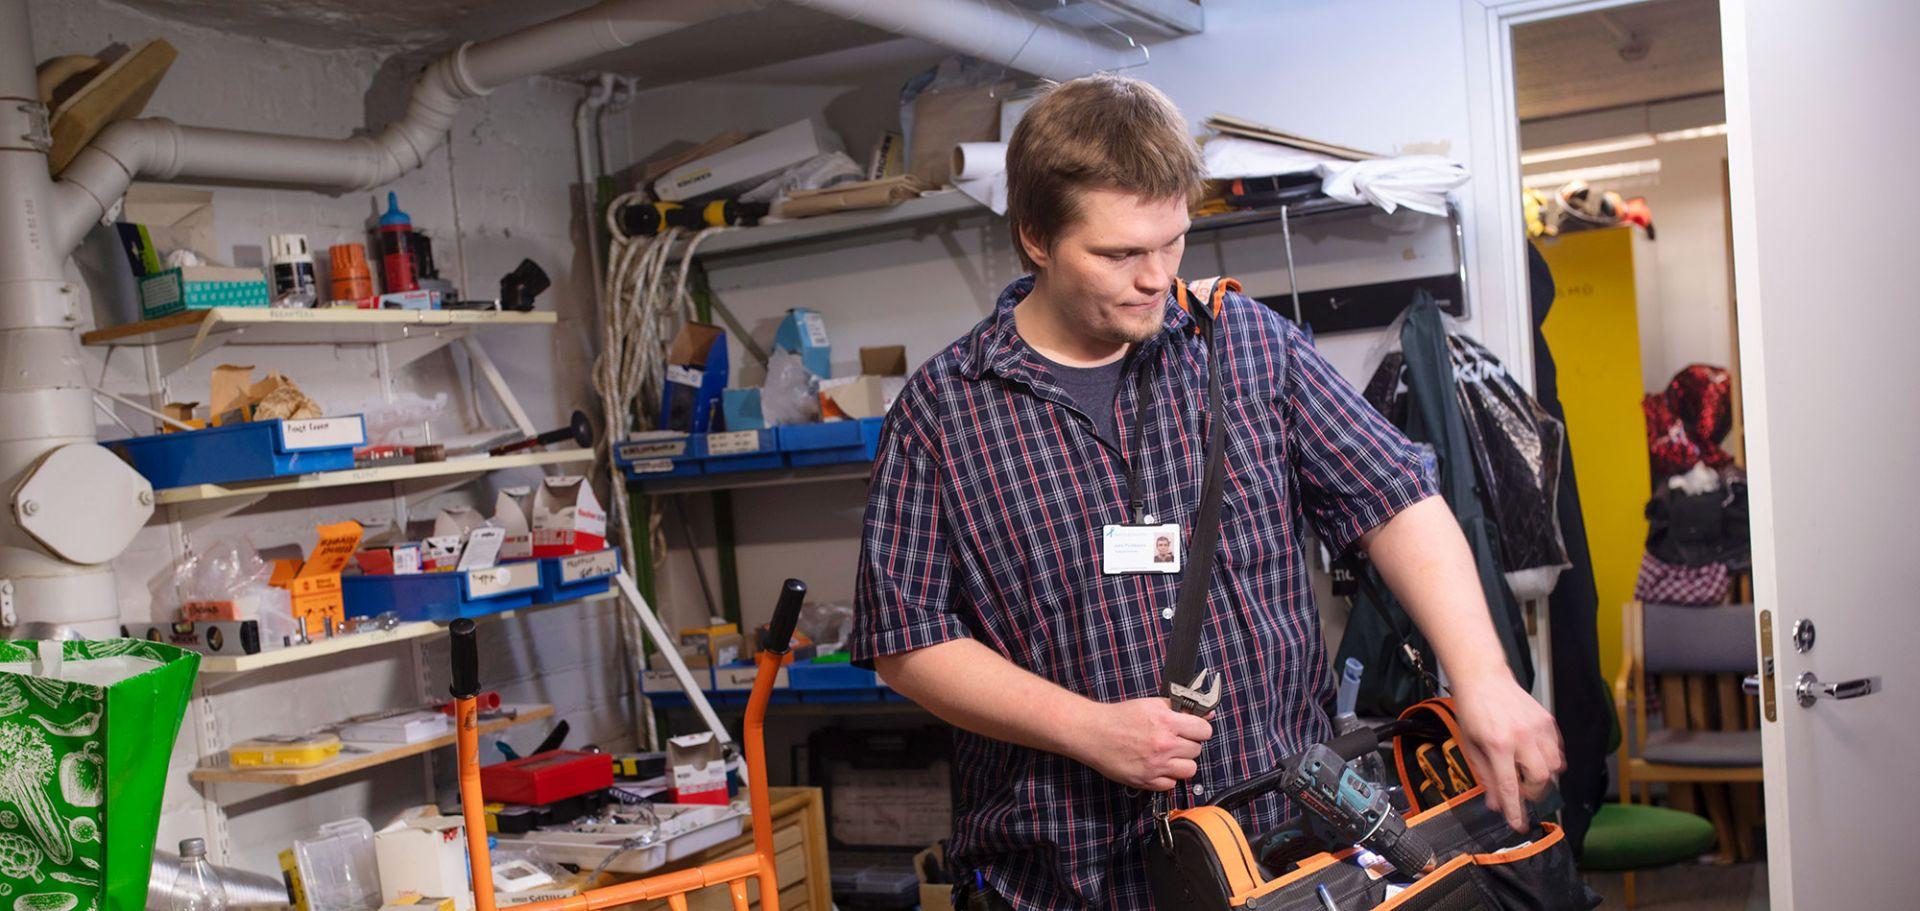 Mies kantaa olalla työkalulaatikkoa. Hän on varastossa.